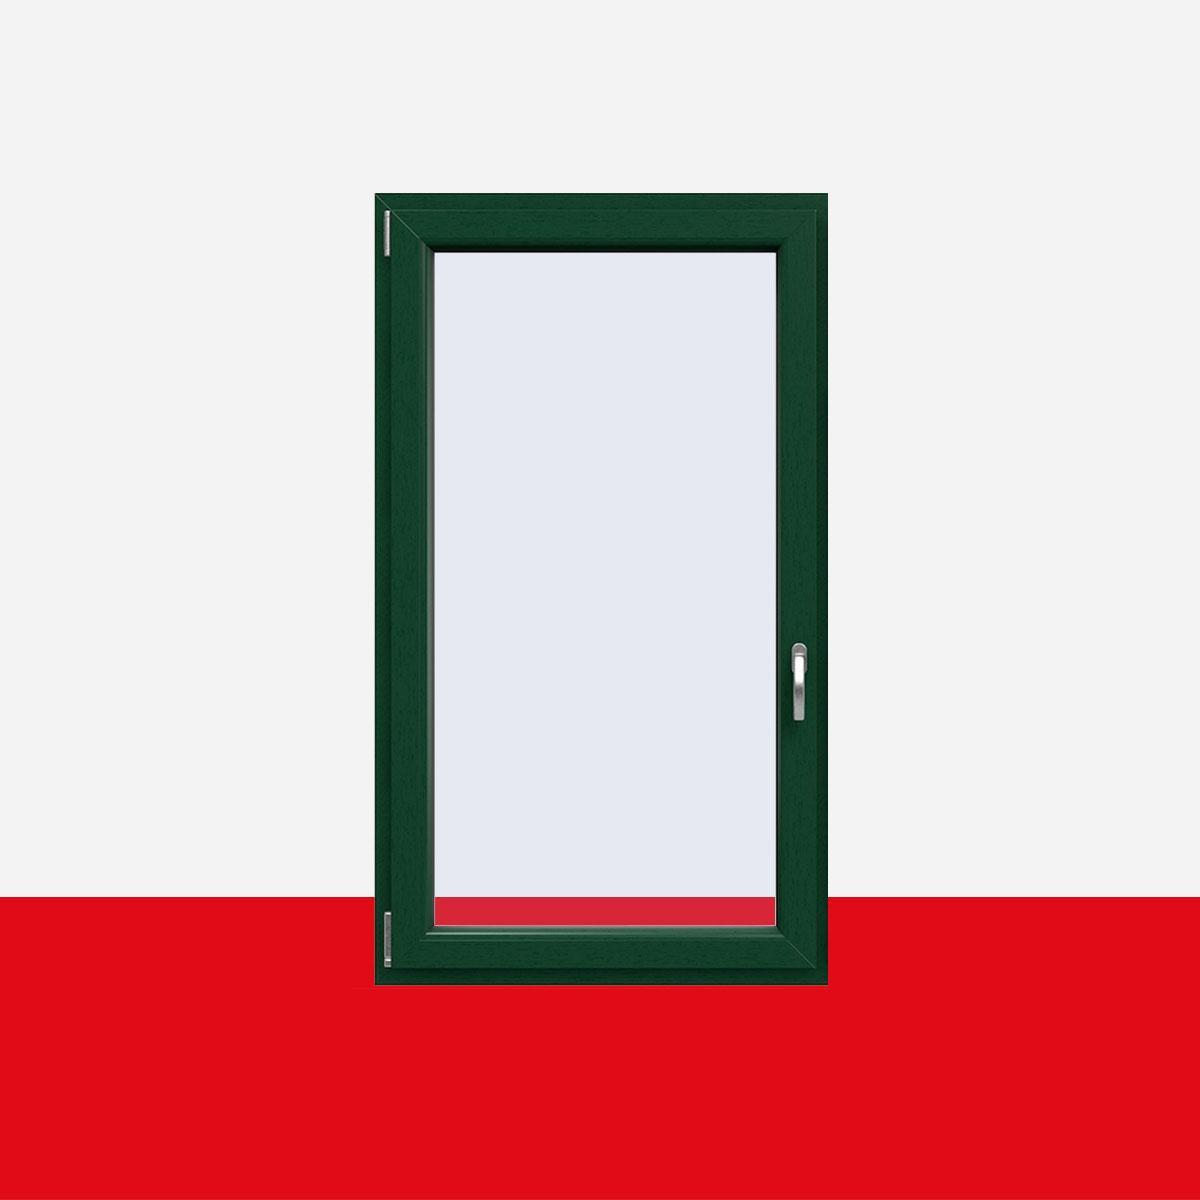 kunststofffenster moosgr n innen und au en dreh kipp. Black Bedroom Furniture Sets. Home Design Ideas